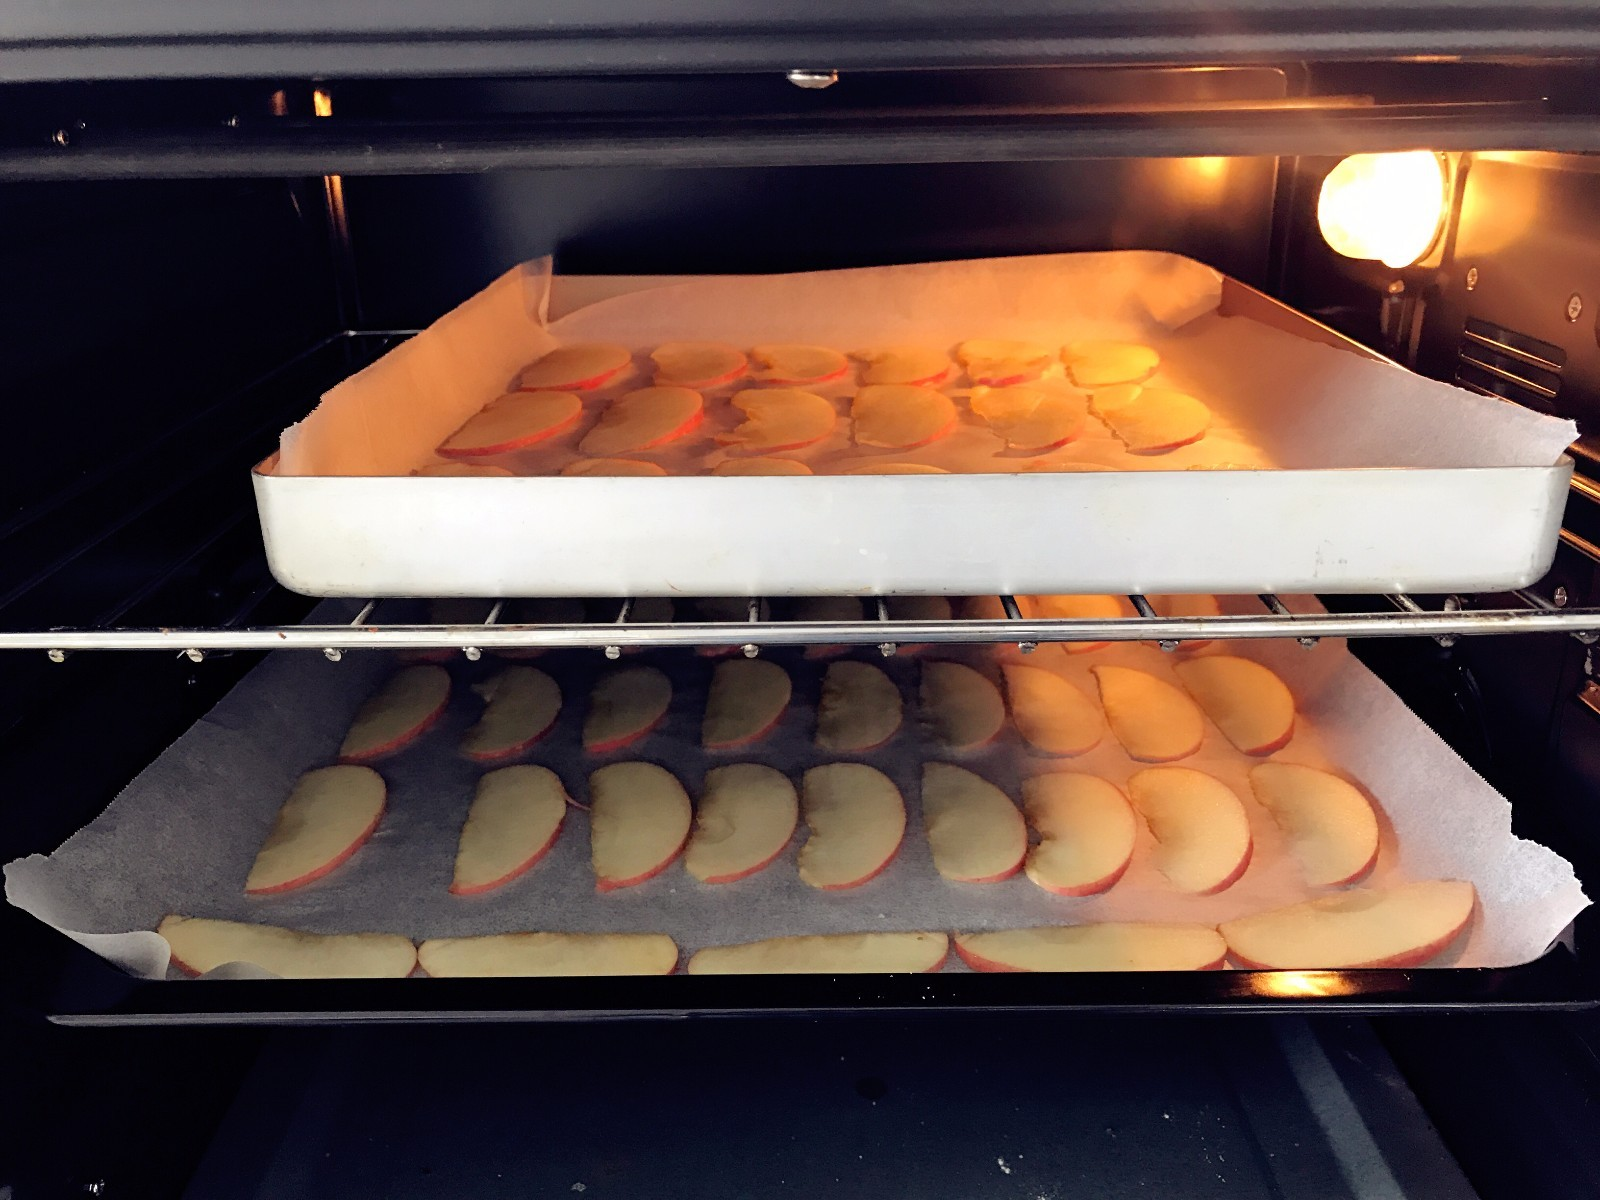 宝宝辅食:好吃又健康的水果片,因为是100度低温烘烤,小芽就把两盘一起放入烤箱了哈,一个中上层,一个中下层,2个小时左右,1个半小时的时候检查下,看苹果片的水分是否完全烤干,如果已经比较干了,就可以了。刚烤好的苹果片还是有点软软的,但稍稍冷却就会马上变脆,如果苹果片冷却后还是软绵绵的,说明还没有烤好,可以放入烤箱多烤几分钟。</p> <p>》低温烘烤水果片之类的,小芽一般都会放入好几盘一起烤,但常规烘烤蛋糕饼干之类的,一次只能烘烤一盘哈,这样才能保证整体受热均匀。